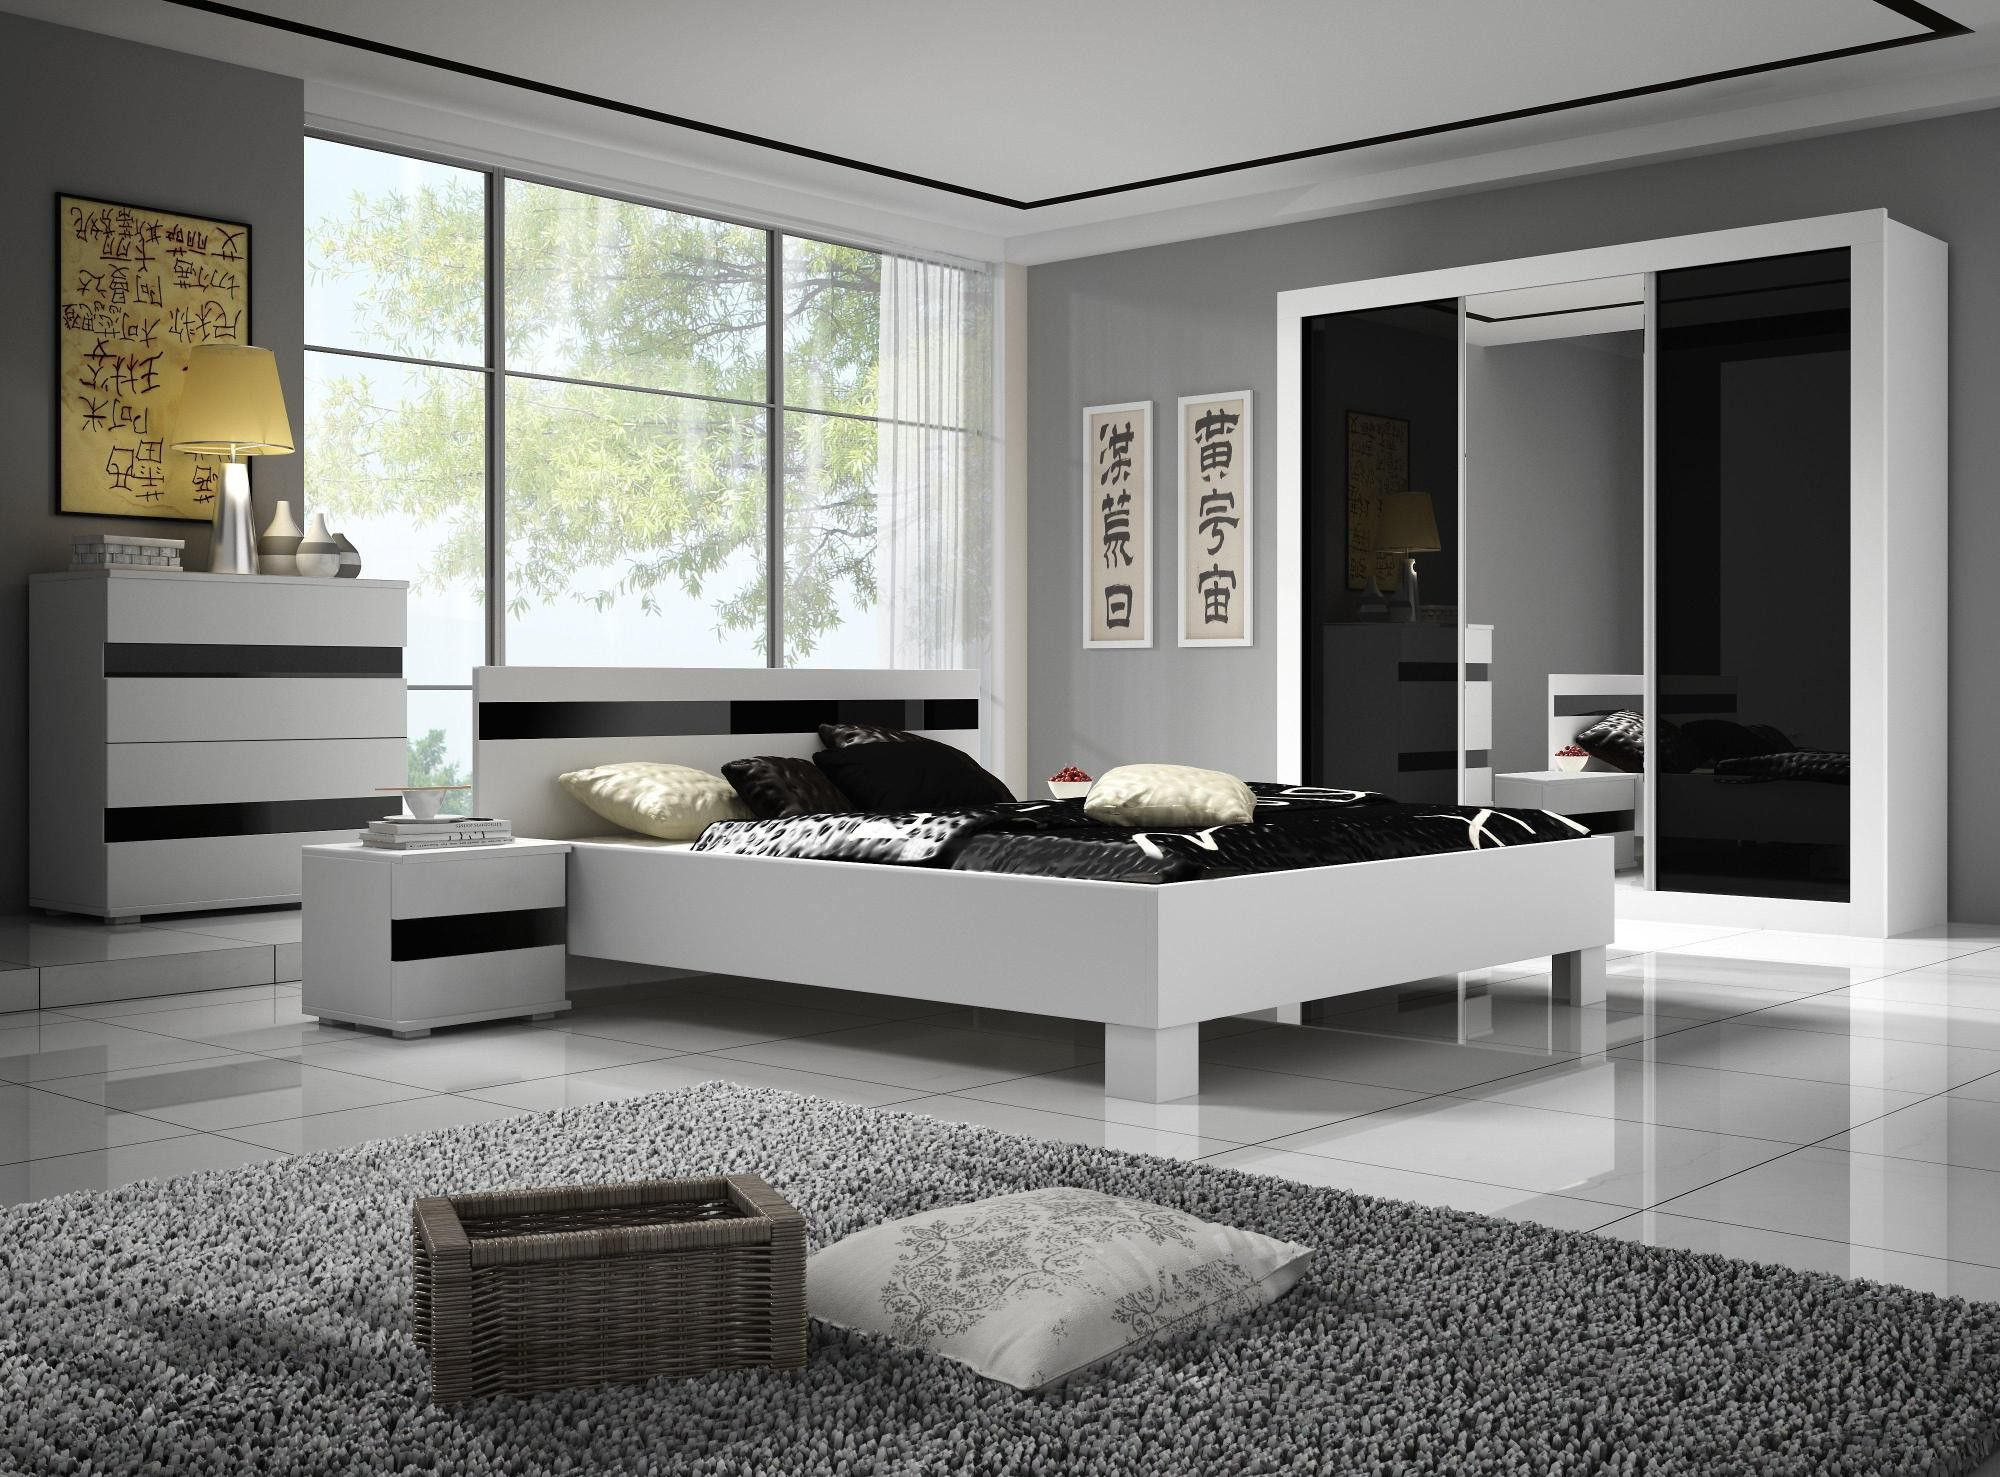 Chambre adulte design noire et blanche Thalis | Chambre adulte ...